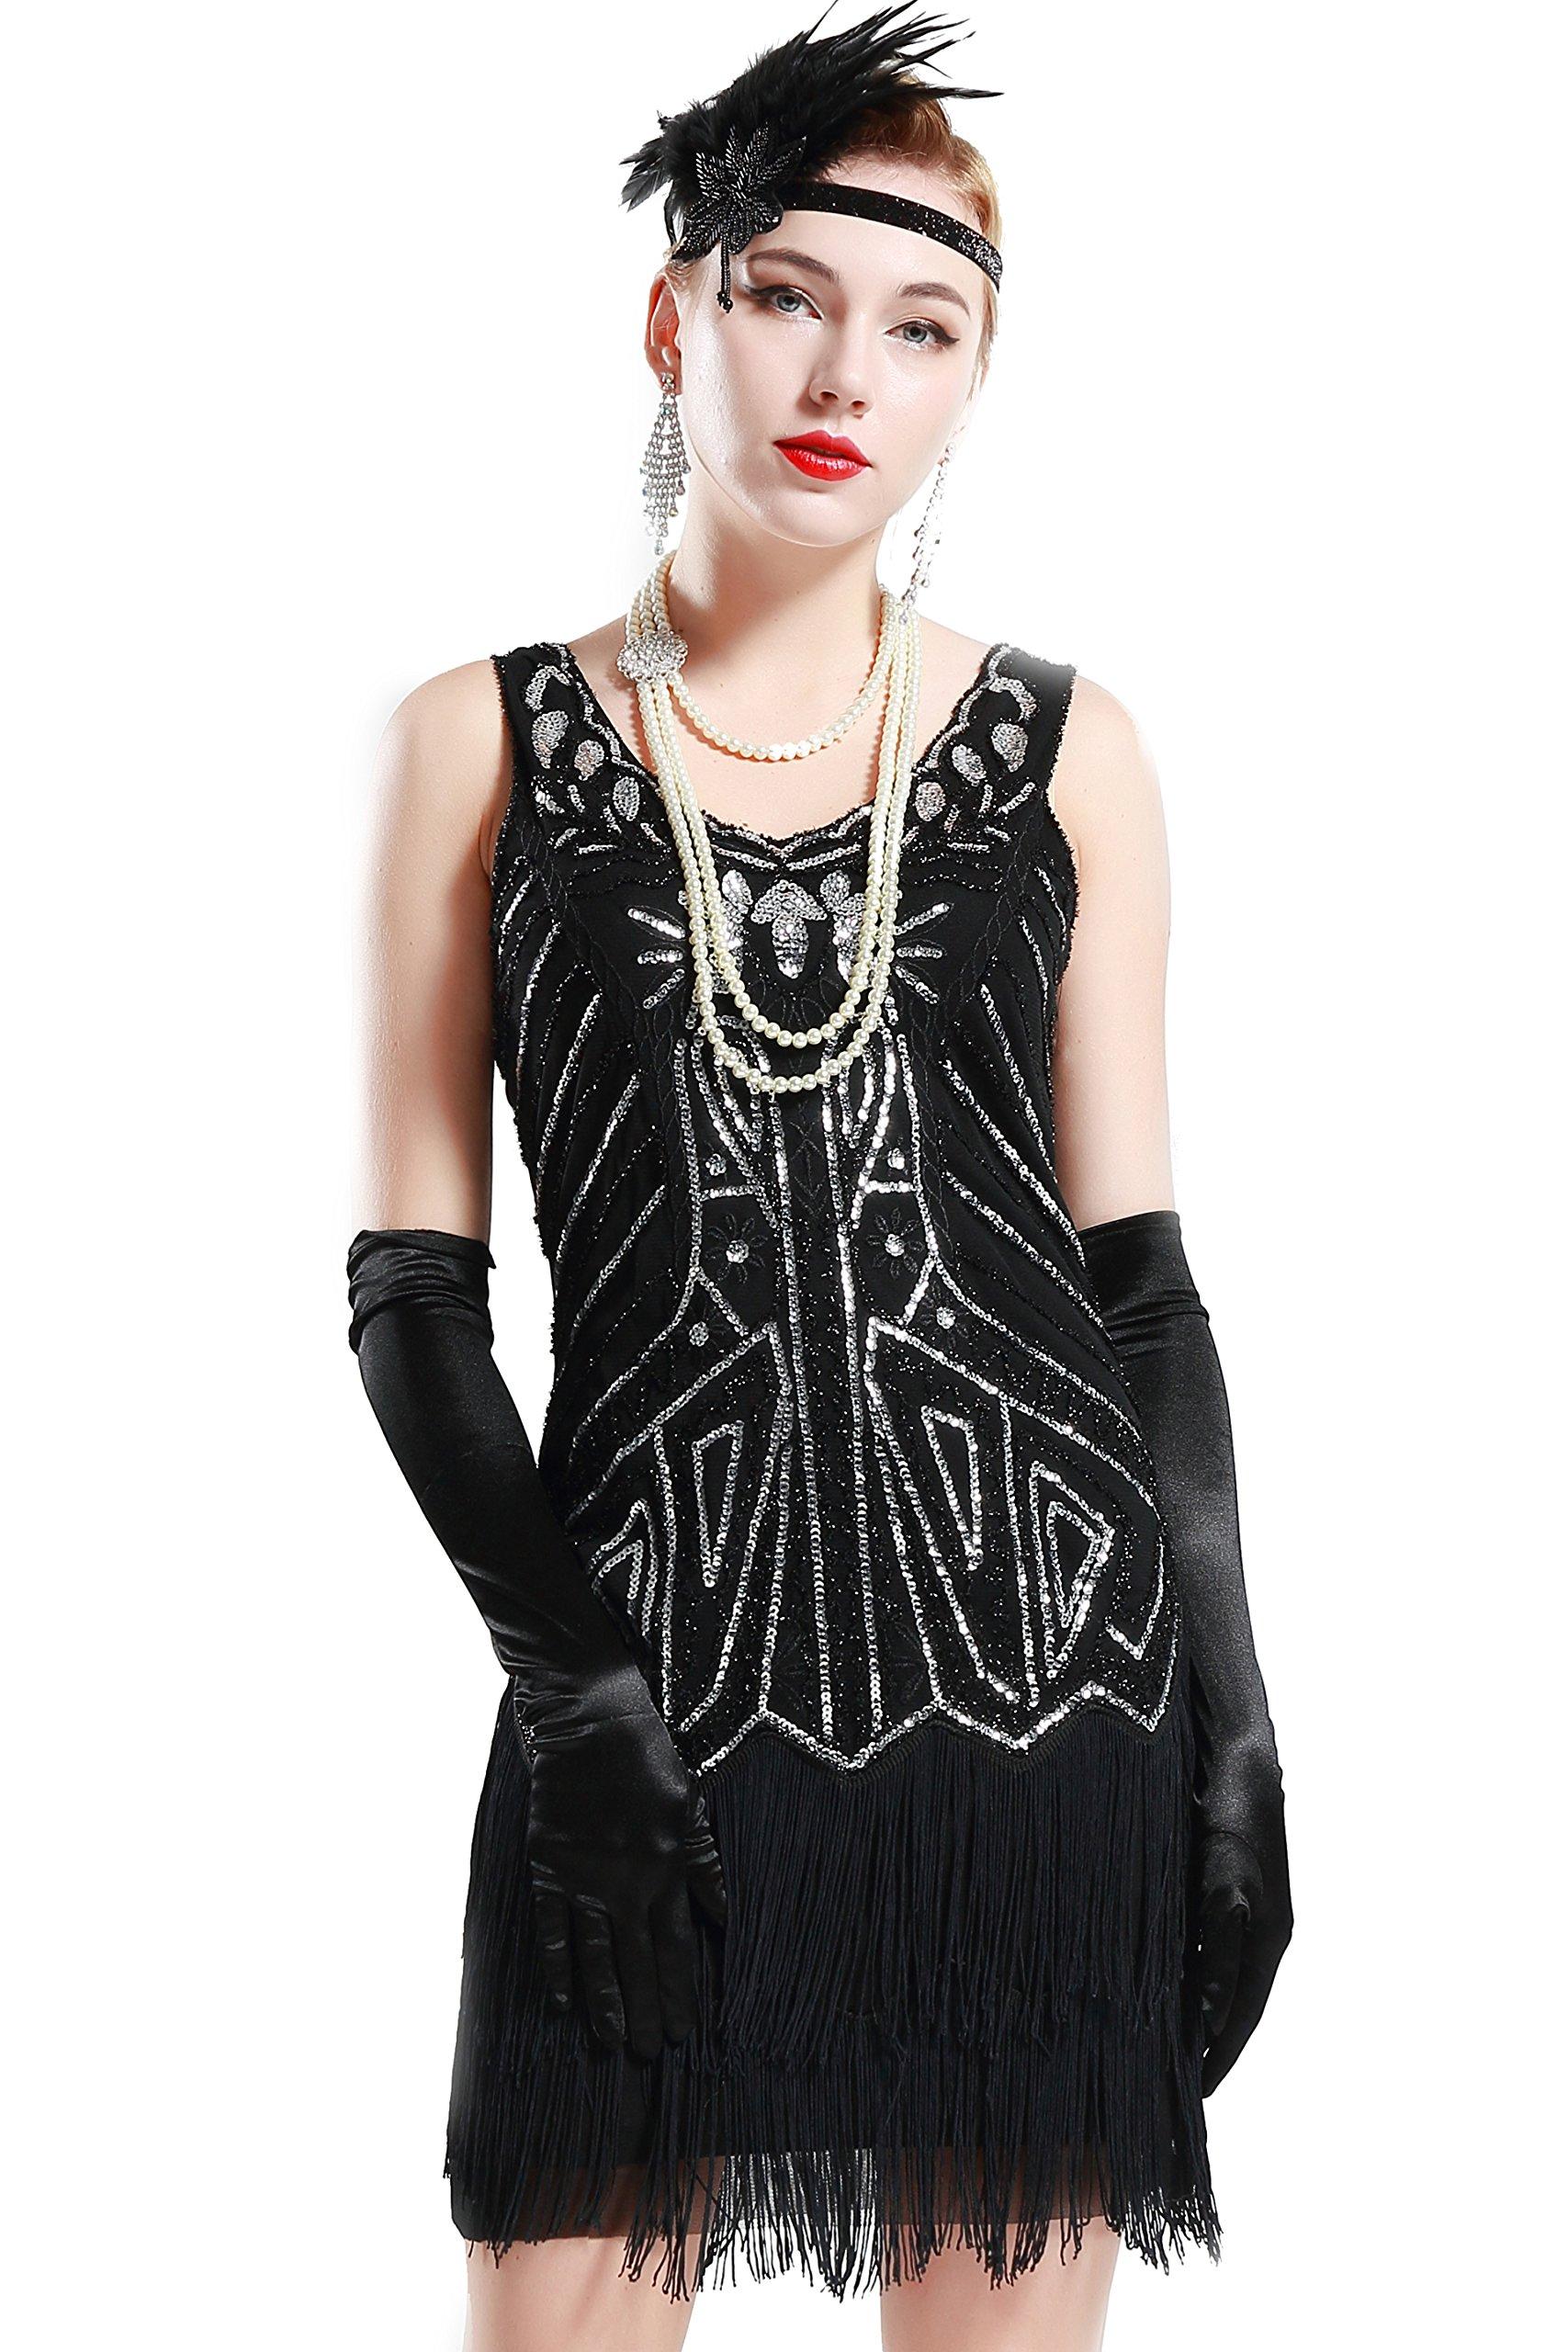 25701aeca0e Galleon - BABEYOND Women s Flapper Dresses 1920s V Neck Beaded Fringed  Great Gatsby Dress (Black